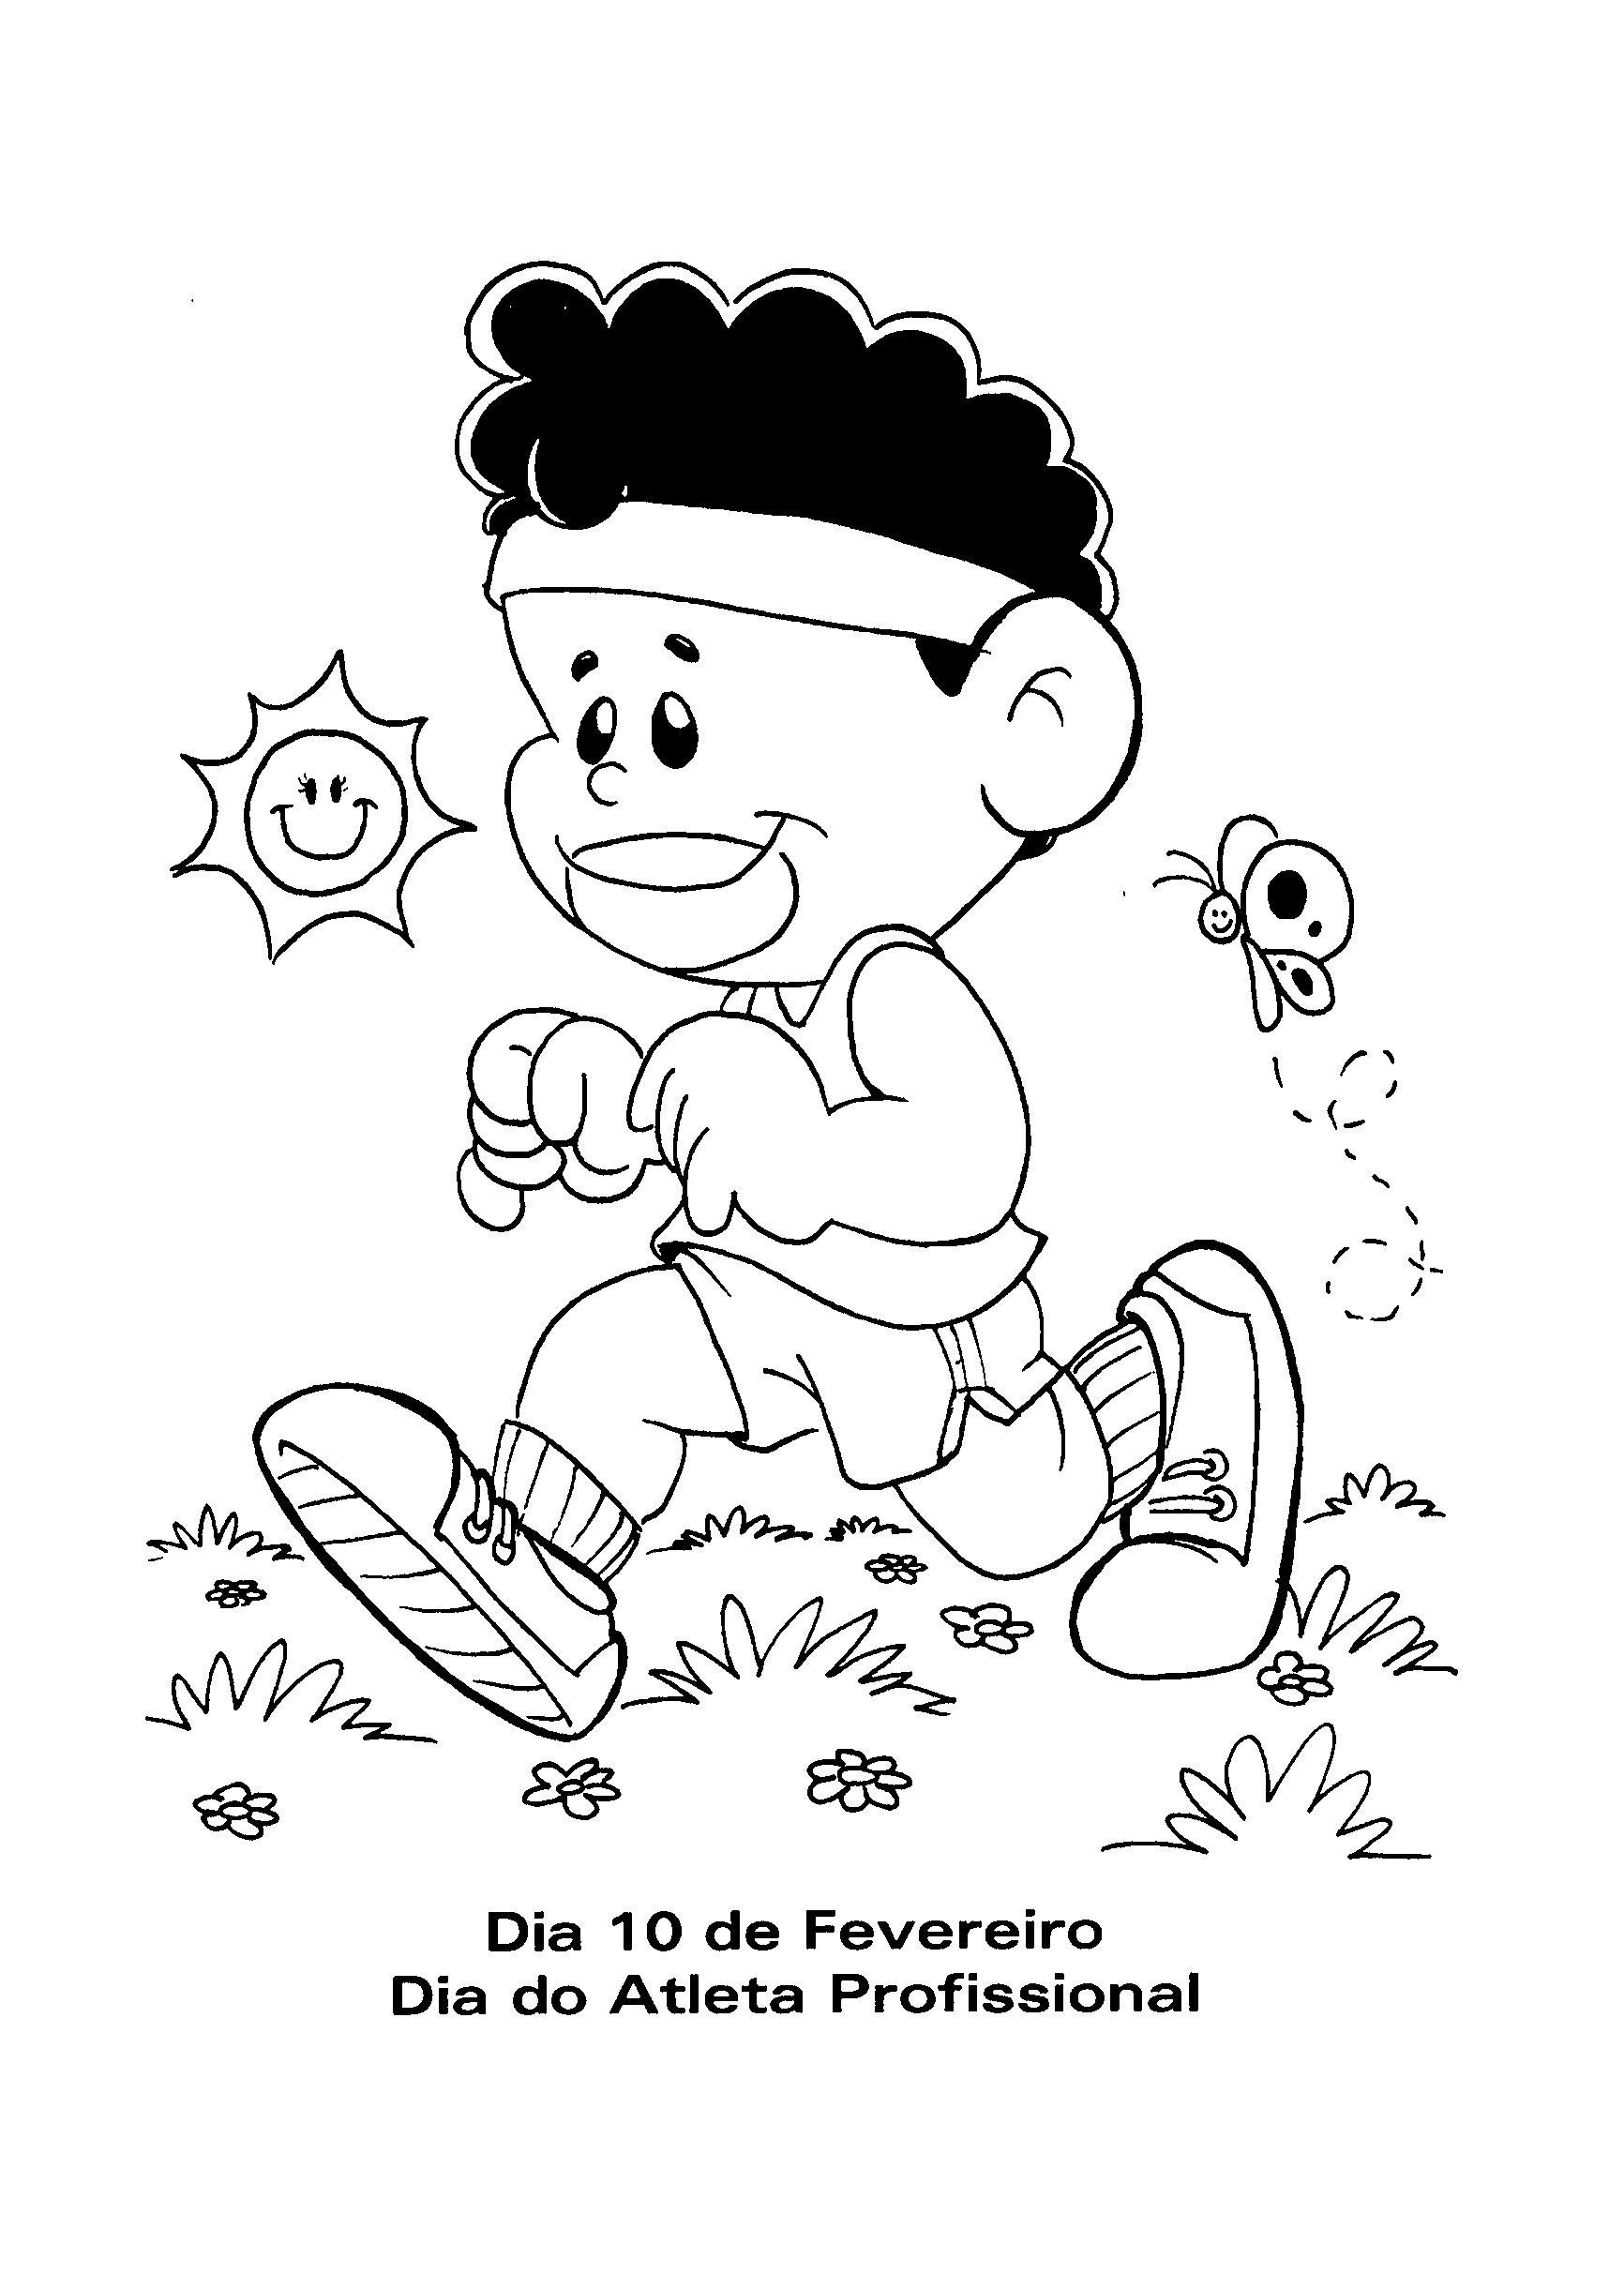 desenhos-datas-fevereiro-atleta